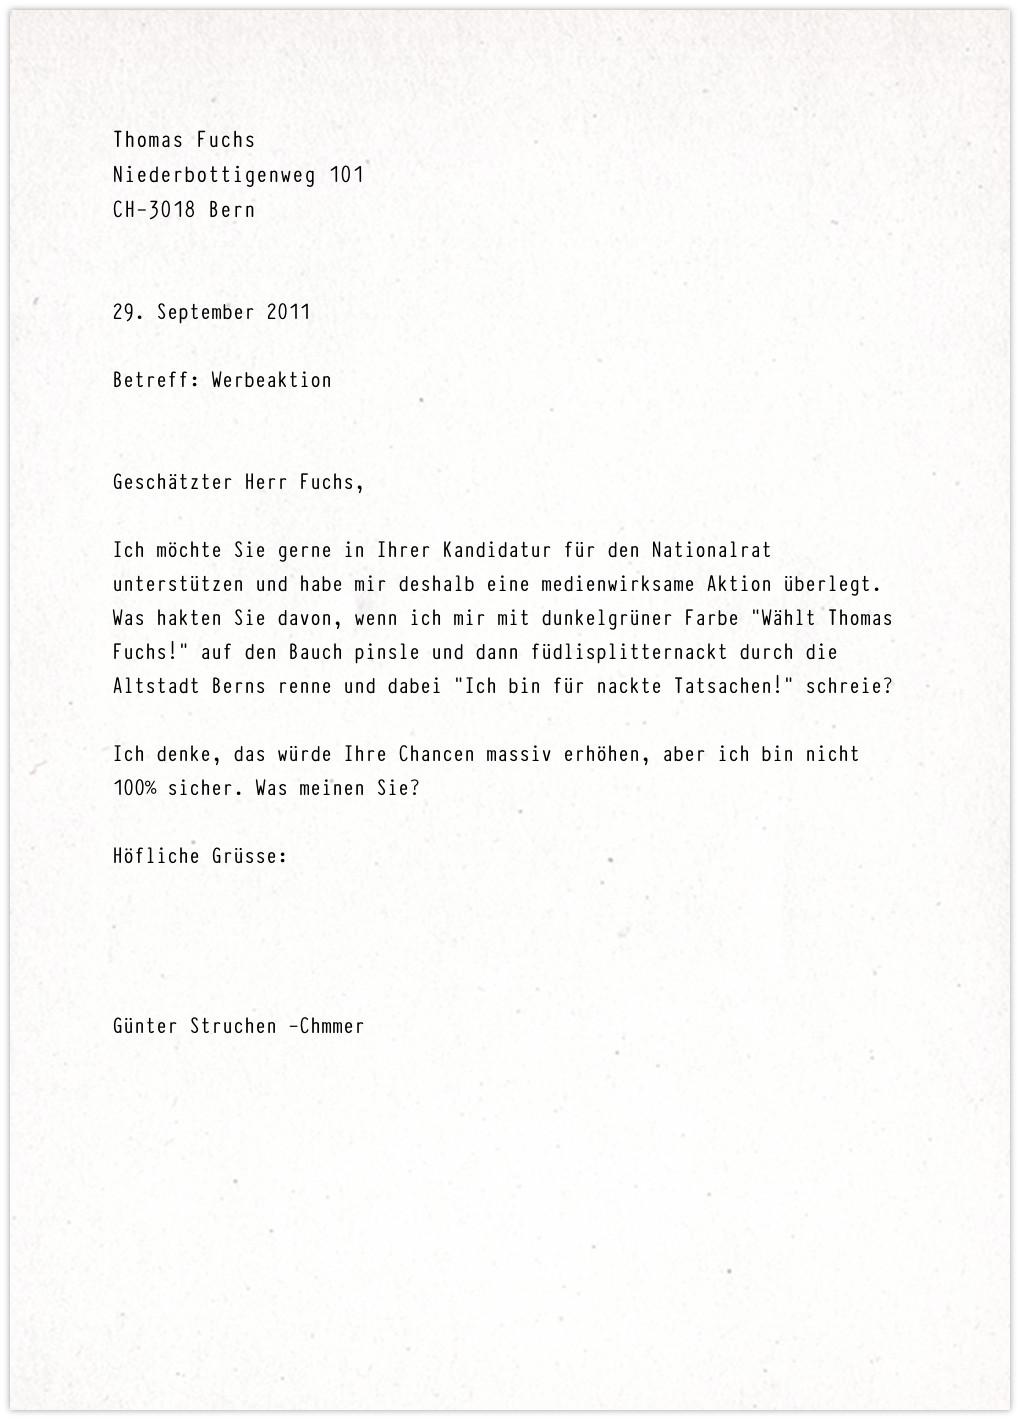 Thomas Fuchs - Anfrage